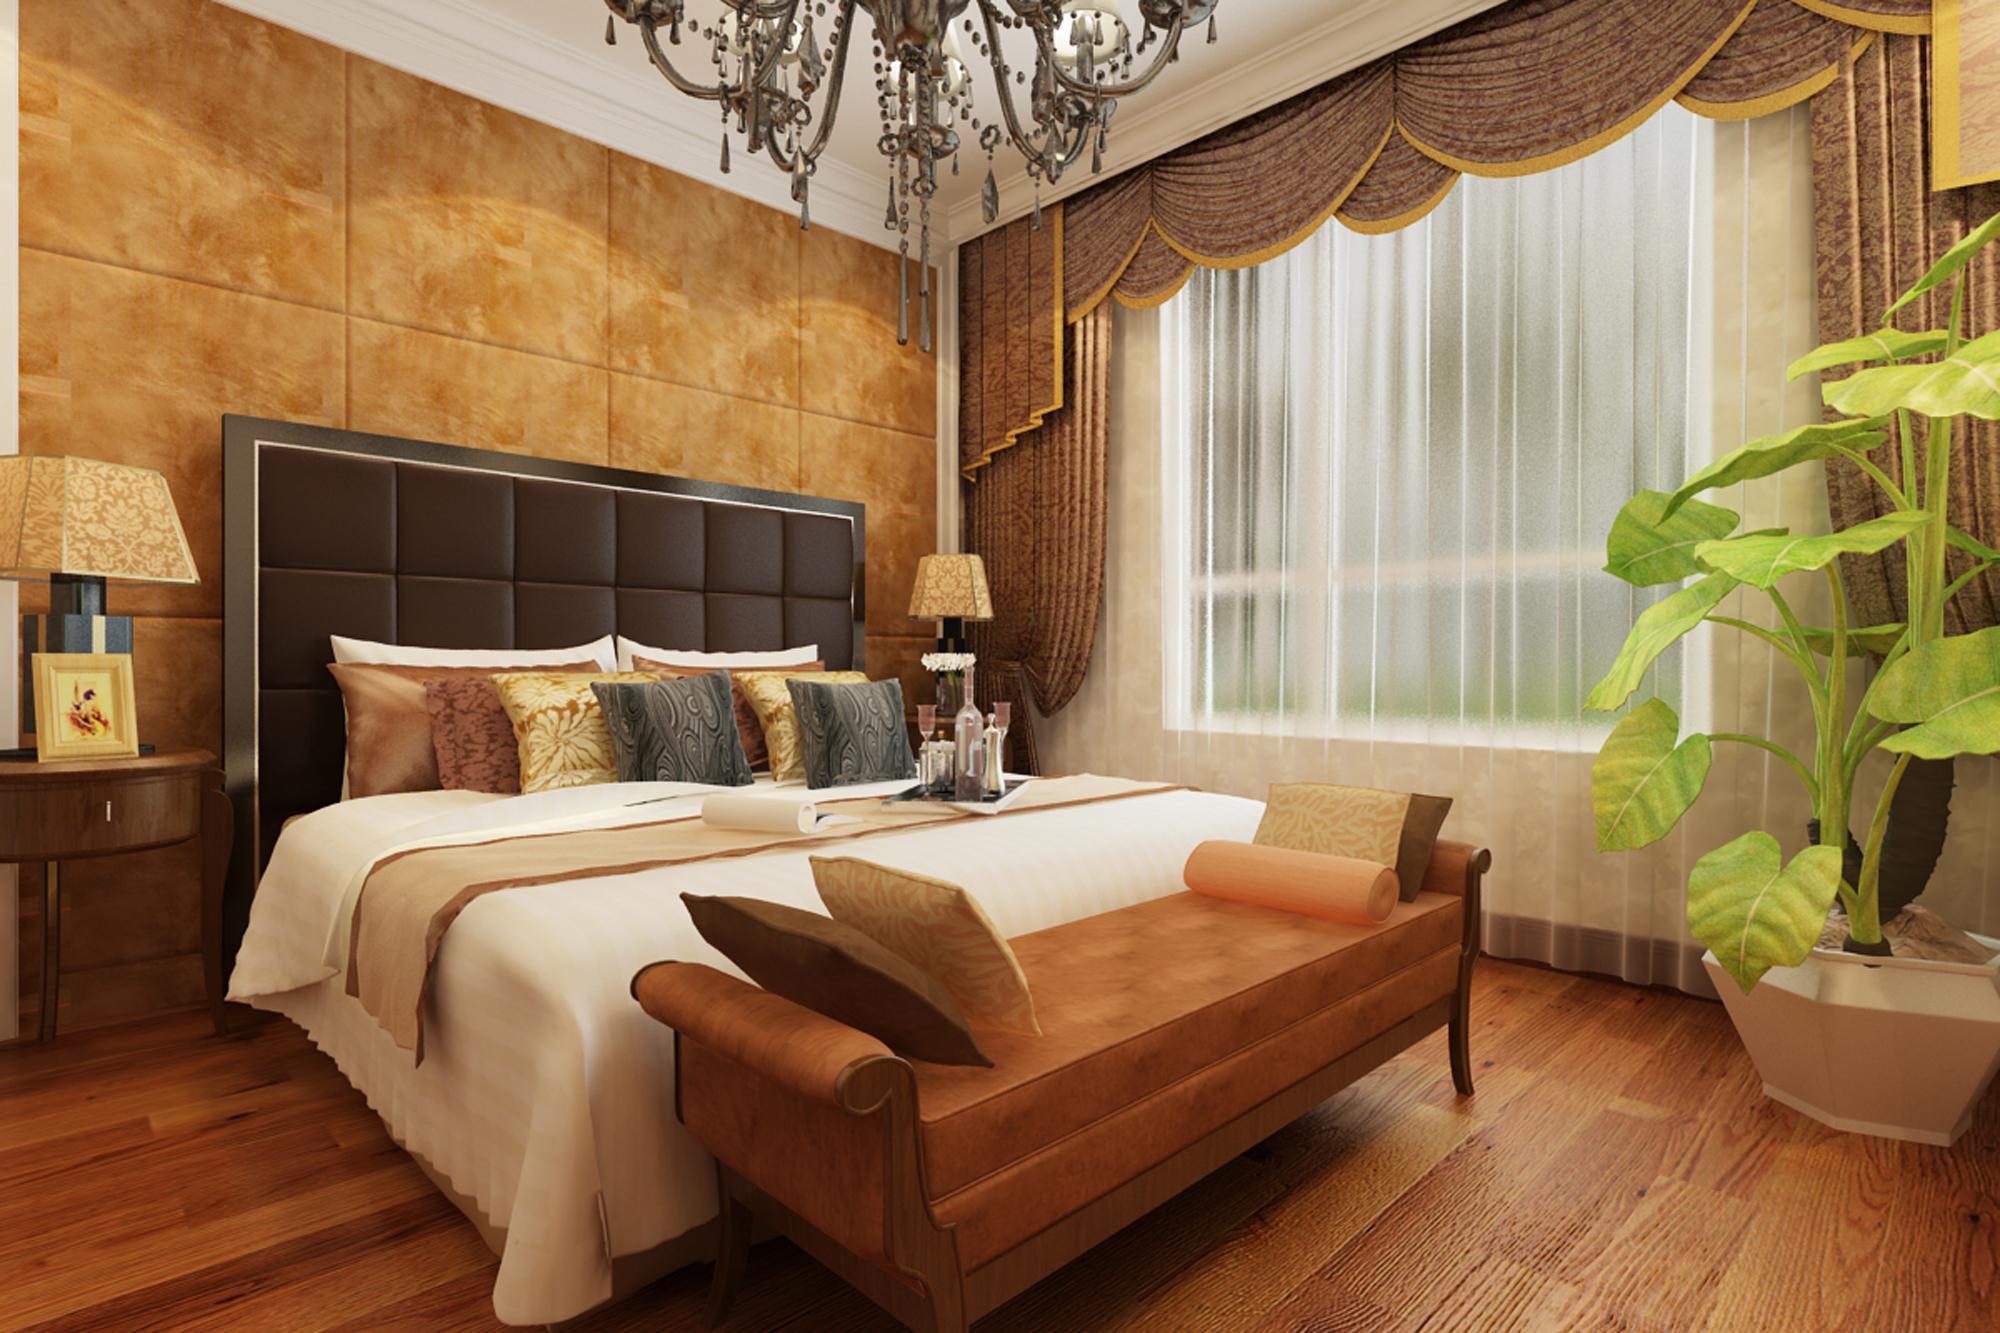 简约 欧式 三居 卧室图片来自实创装饰上海公司在清新雅致三居室欧式装修的分享